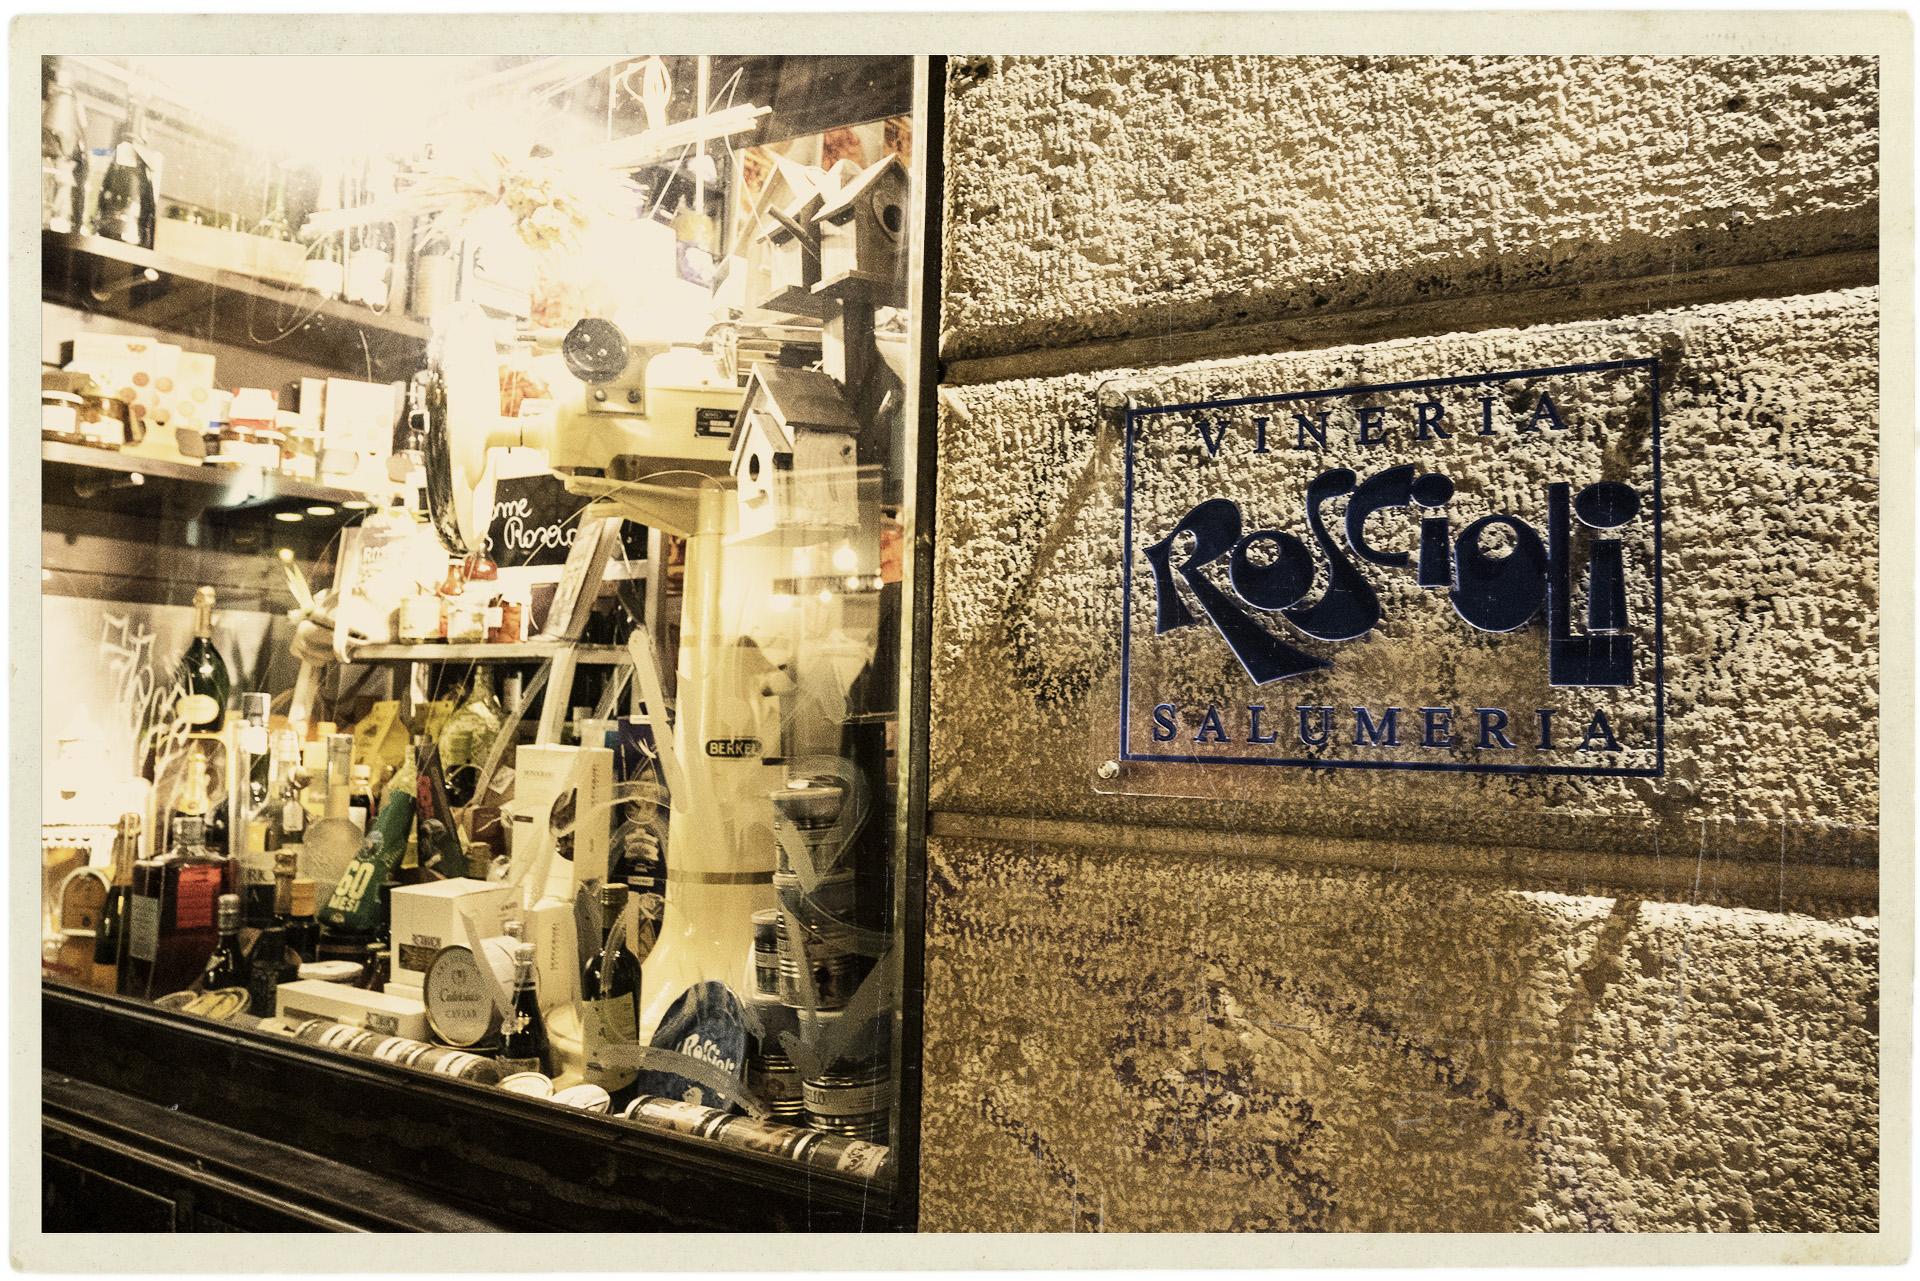 Roscioli.jpg